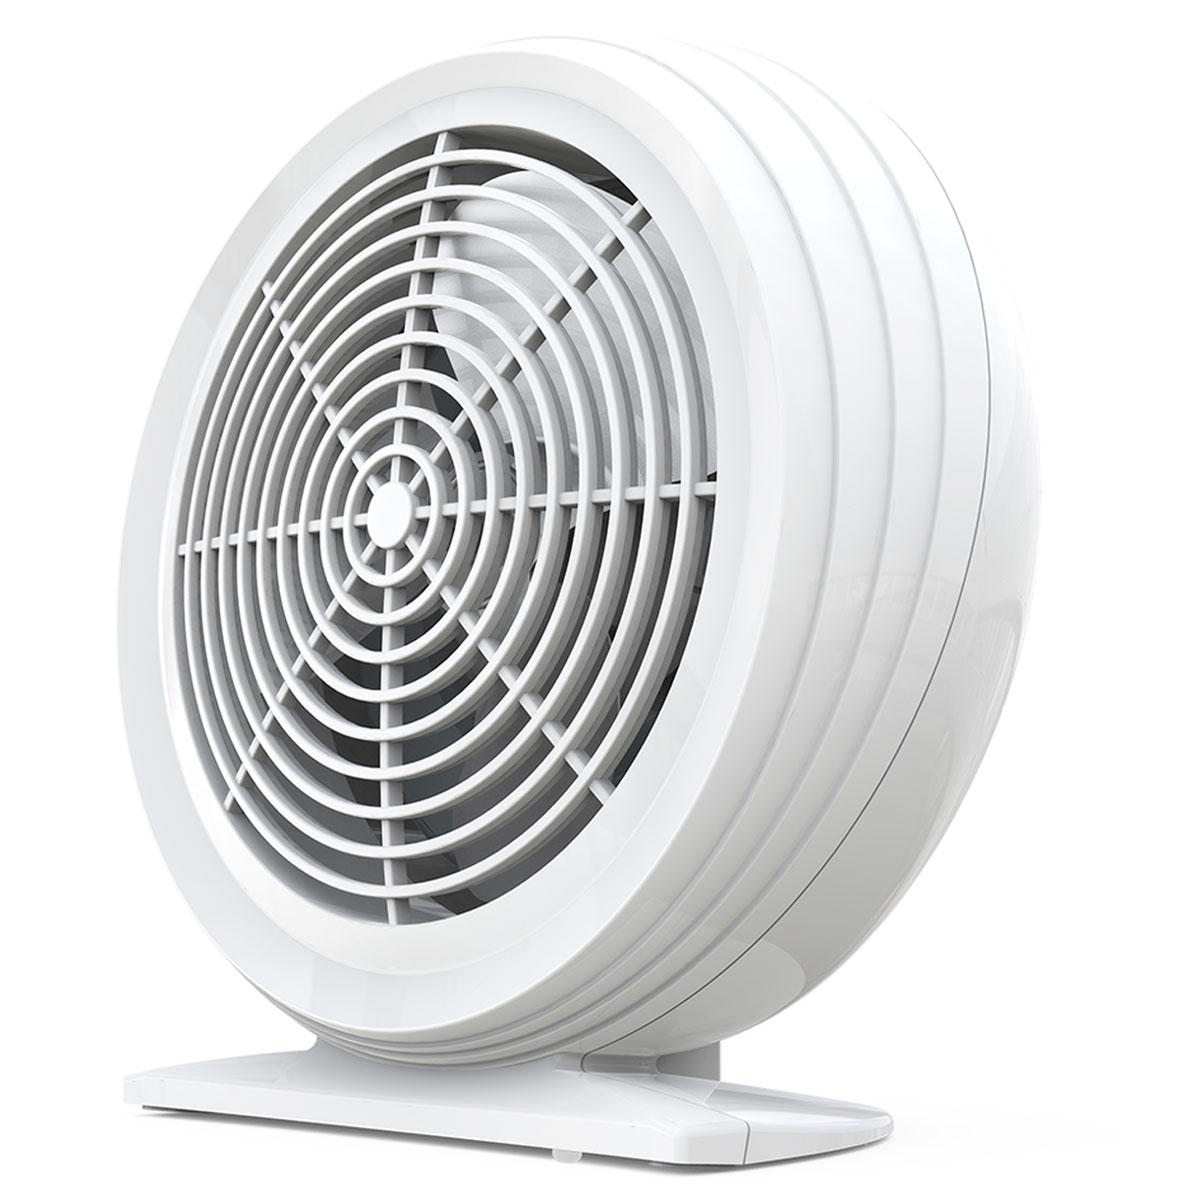 Timberk TFH S20SMX, White тепловентиляторTFH S20SMXТепловентилятор Timberk TFH S20SMX имеет компактный авторский дизайн и удобное настольное вертикальное размещение. Два режима мощности на выбор (1200 / 2000 Вт) обеспечат мгновенный нагрев воздушного потока и комфортную температуру в помещении.